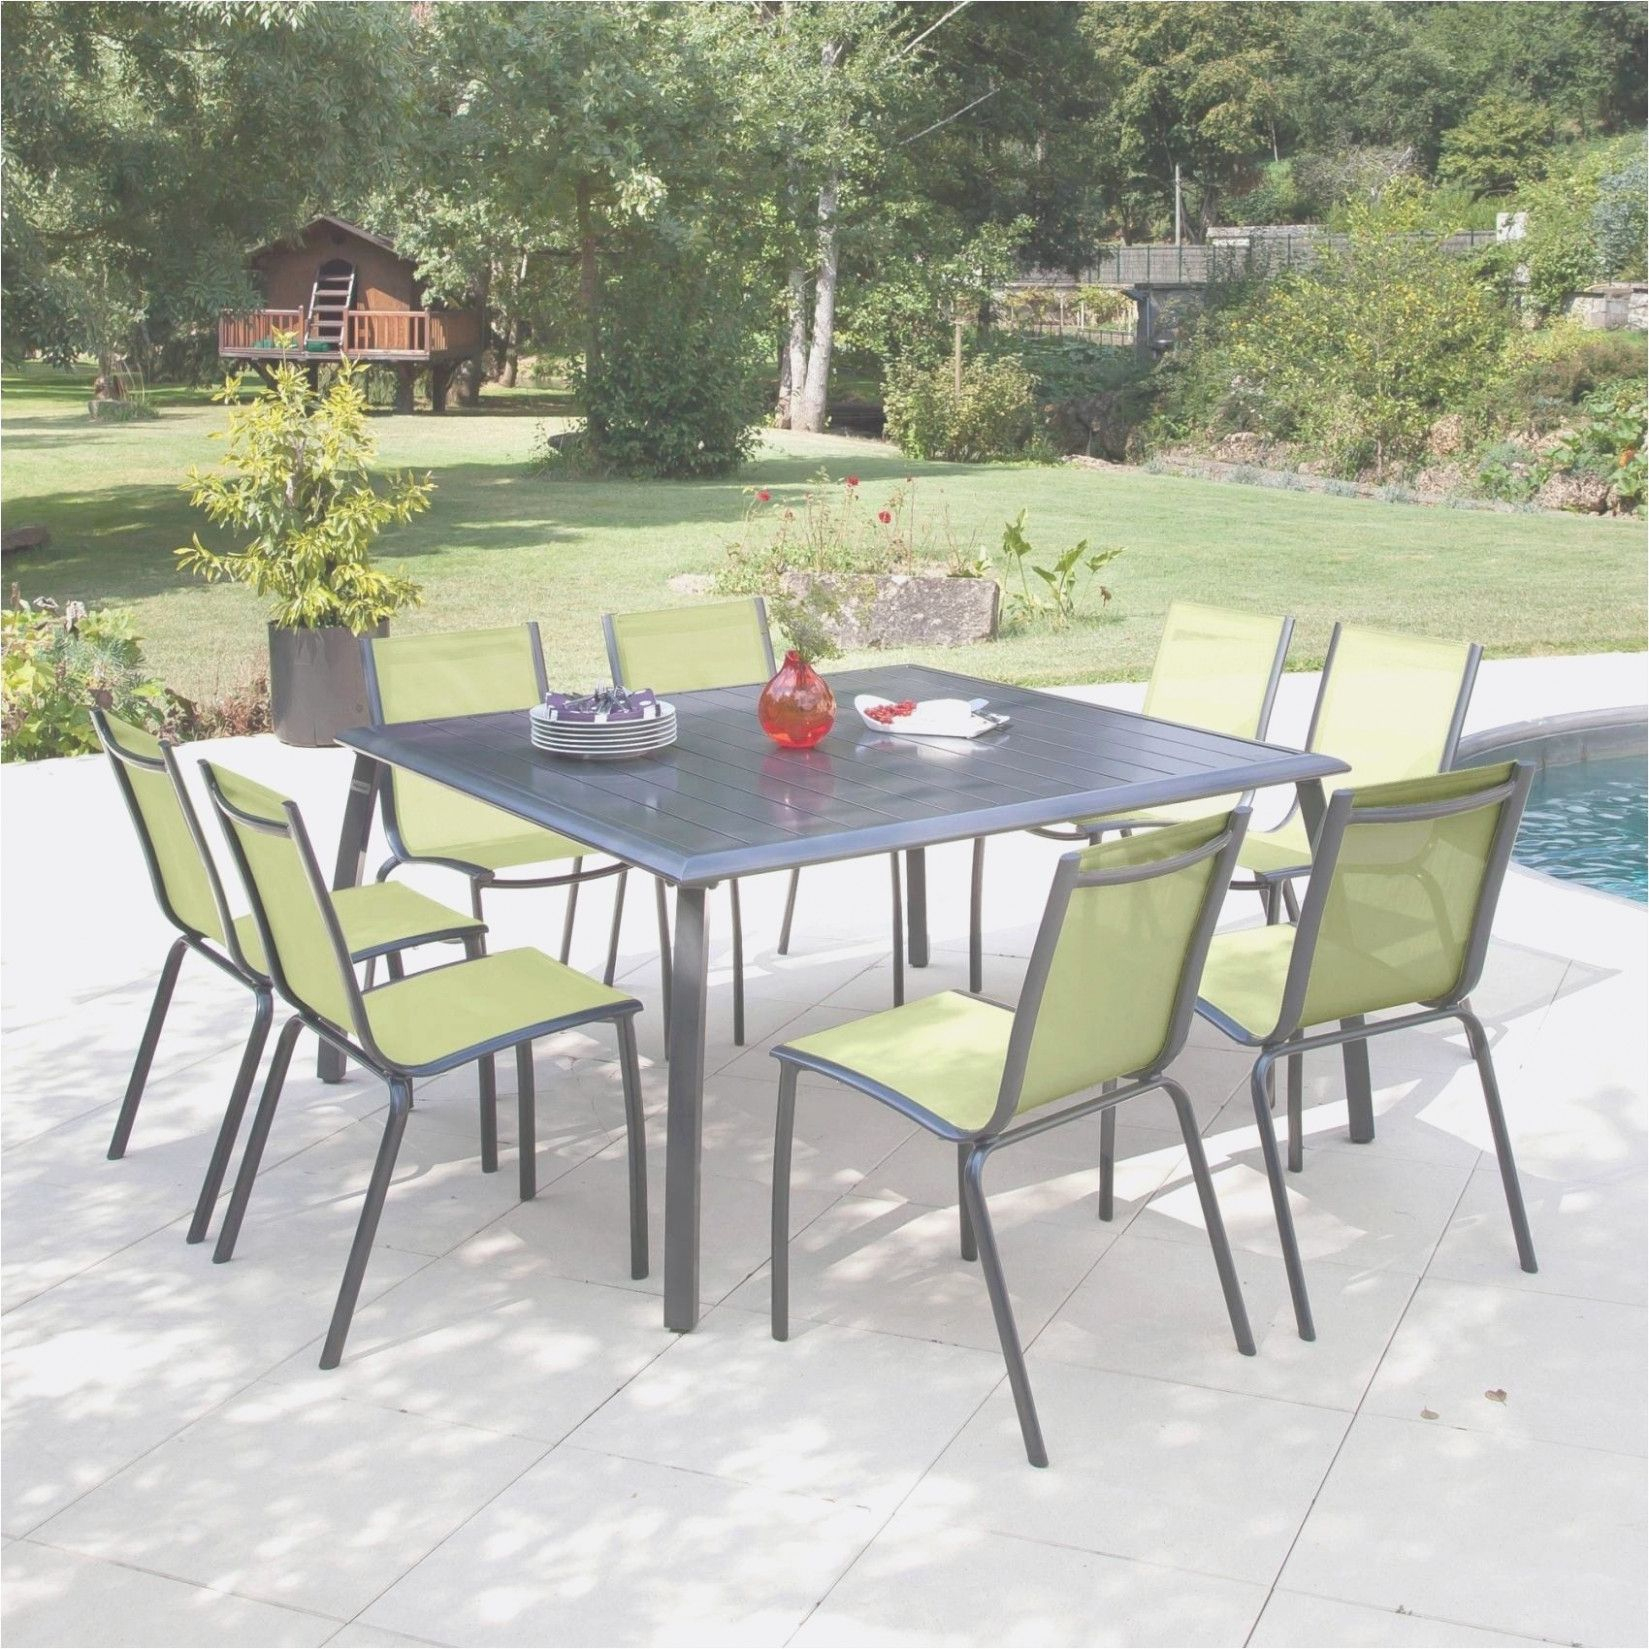 Salon De Jardin In 2020 | Outdoor Furniture Sets, Outdoor ... encequiconcerne Jardin Occasion